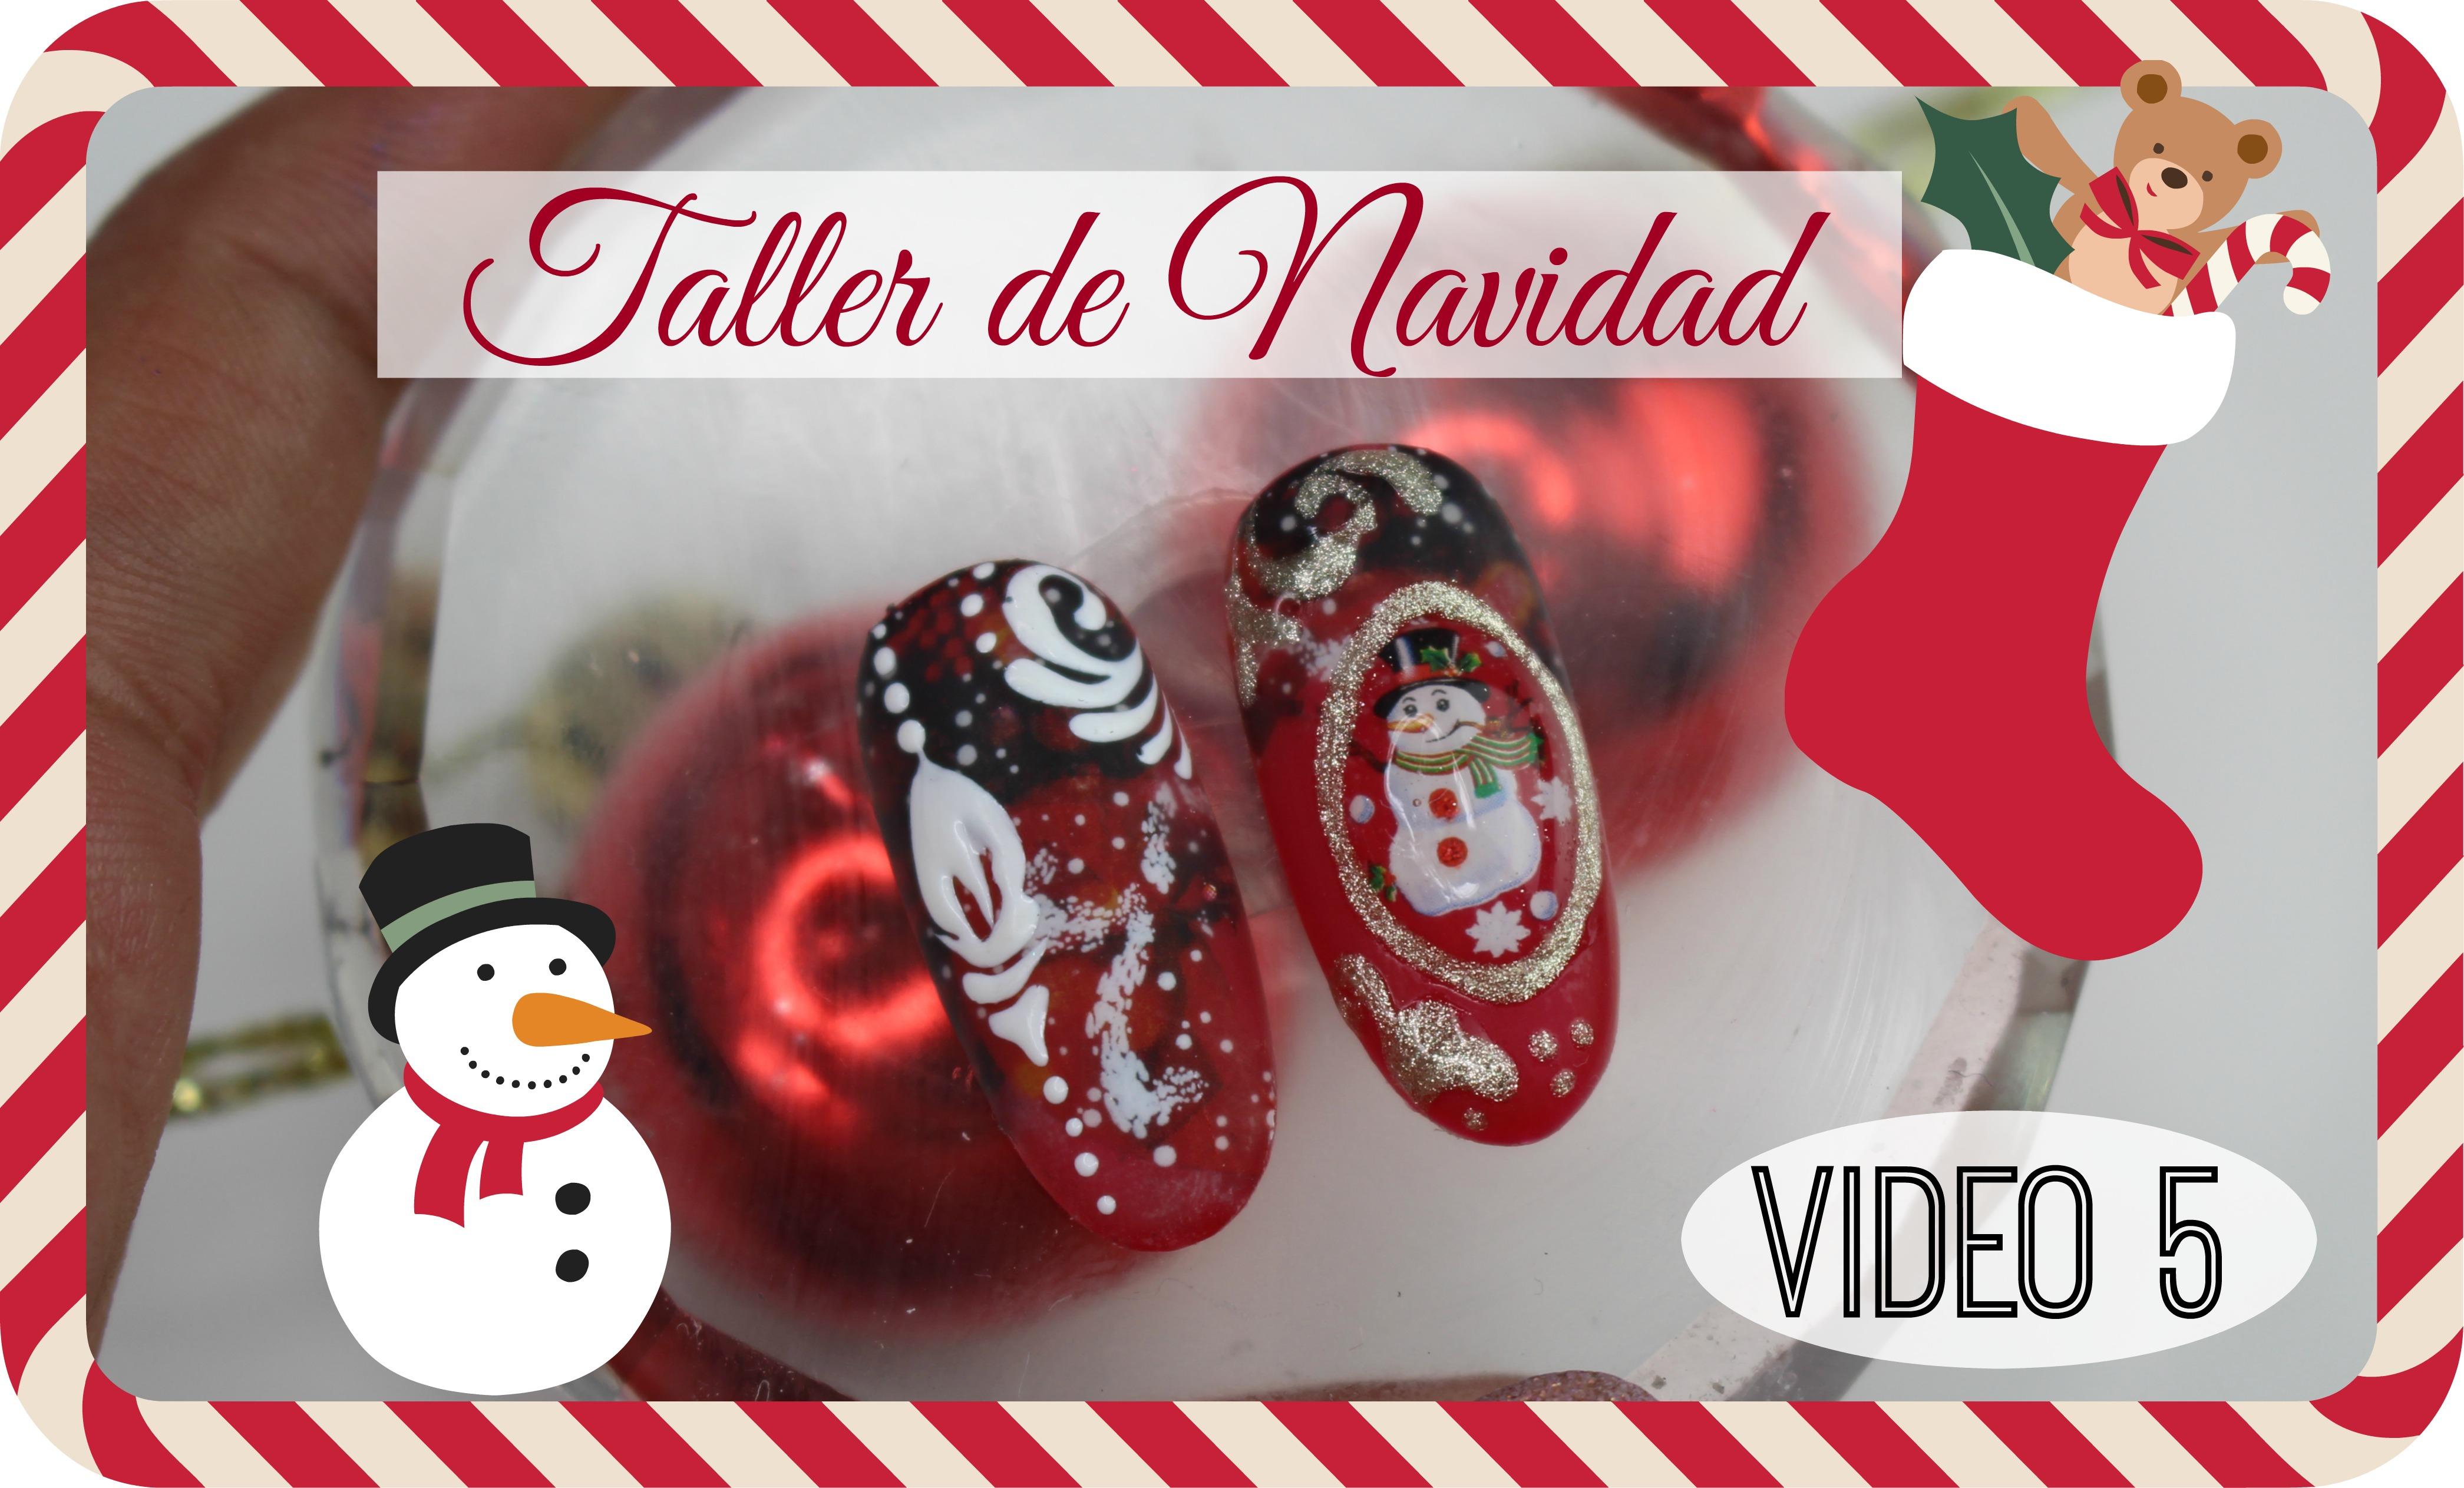 Taller de Navidad Online (Video 5)